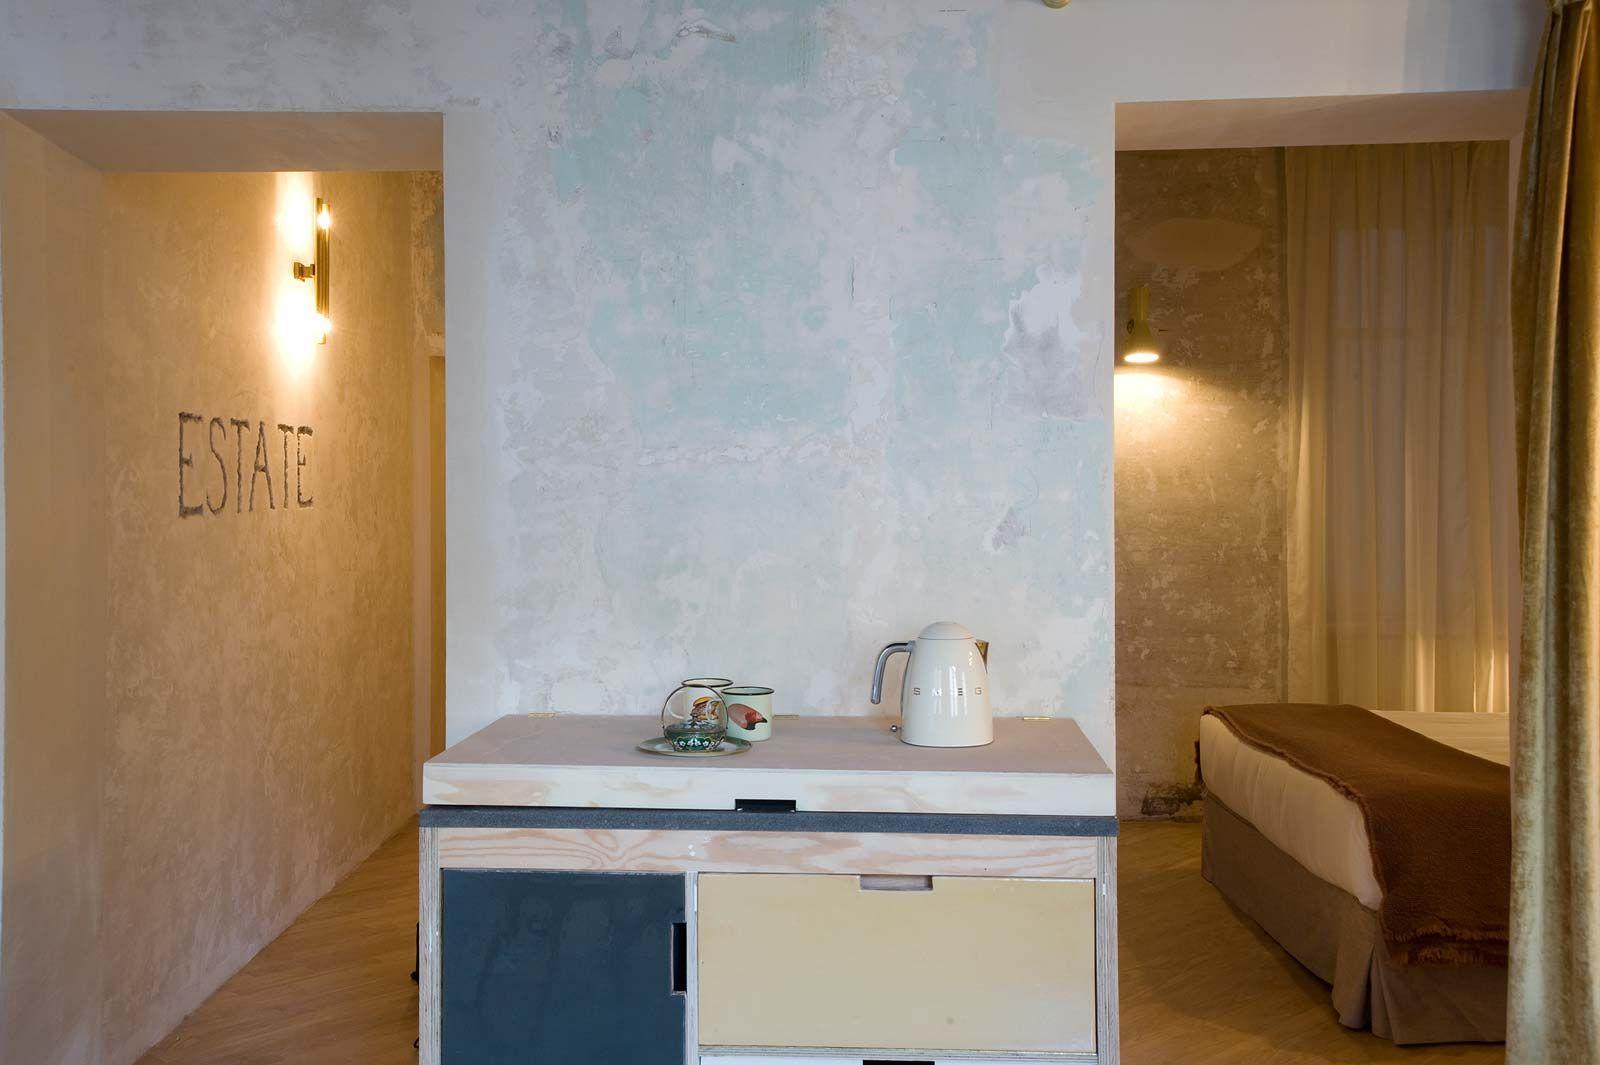 contatti - contatti hotel roma - hotel roma centro storico - design hotel roma - g-rough